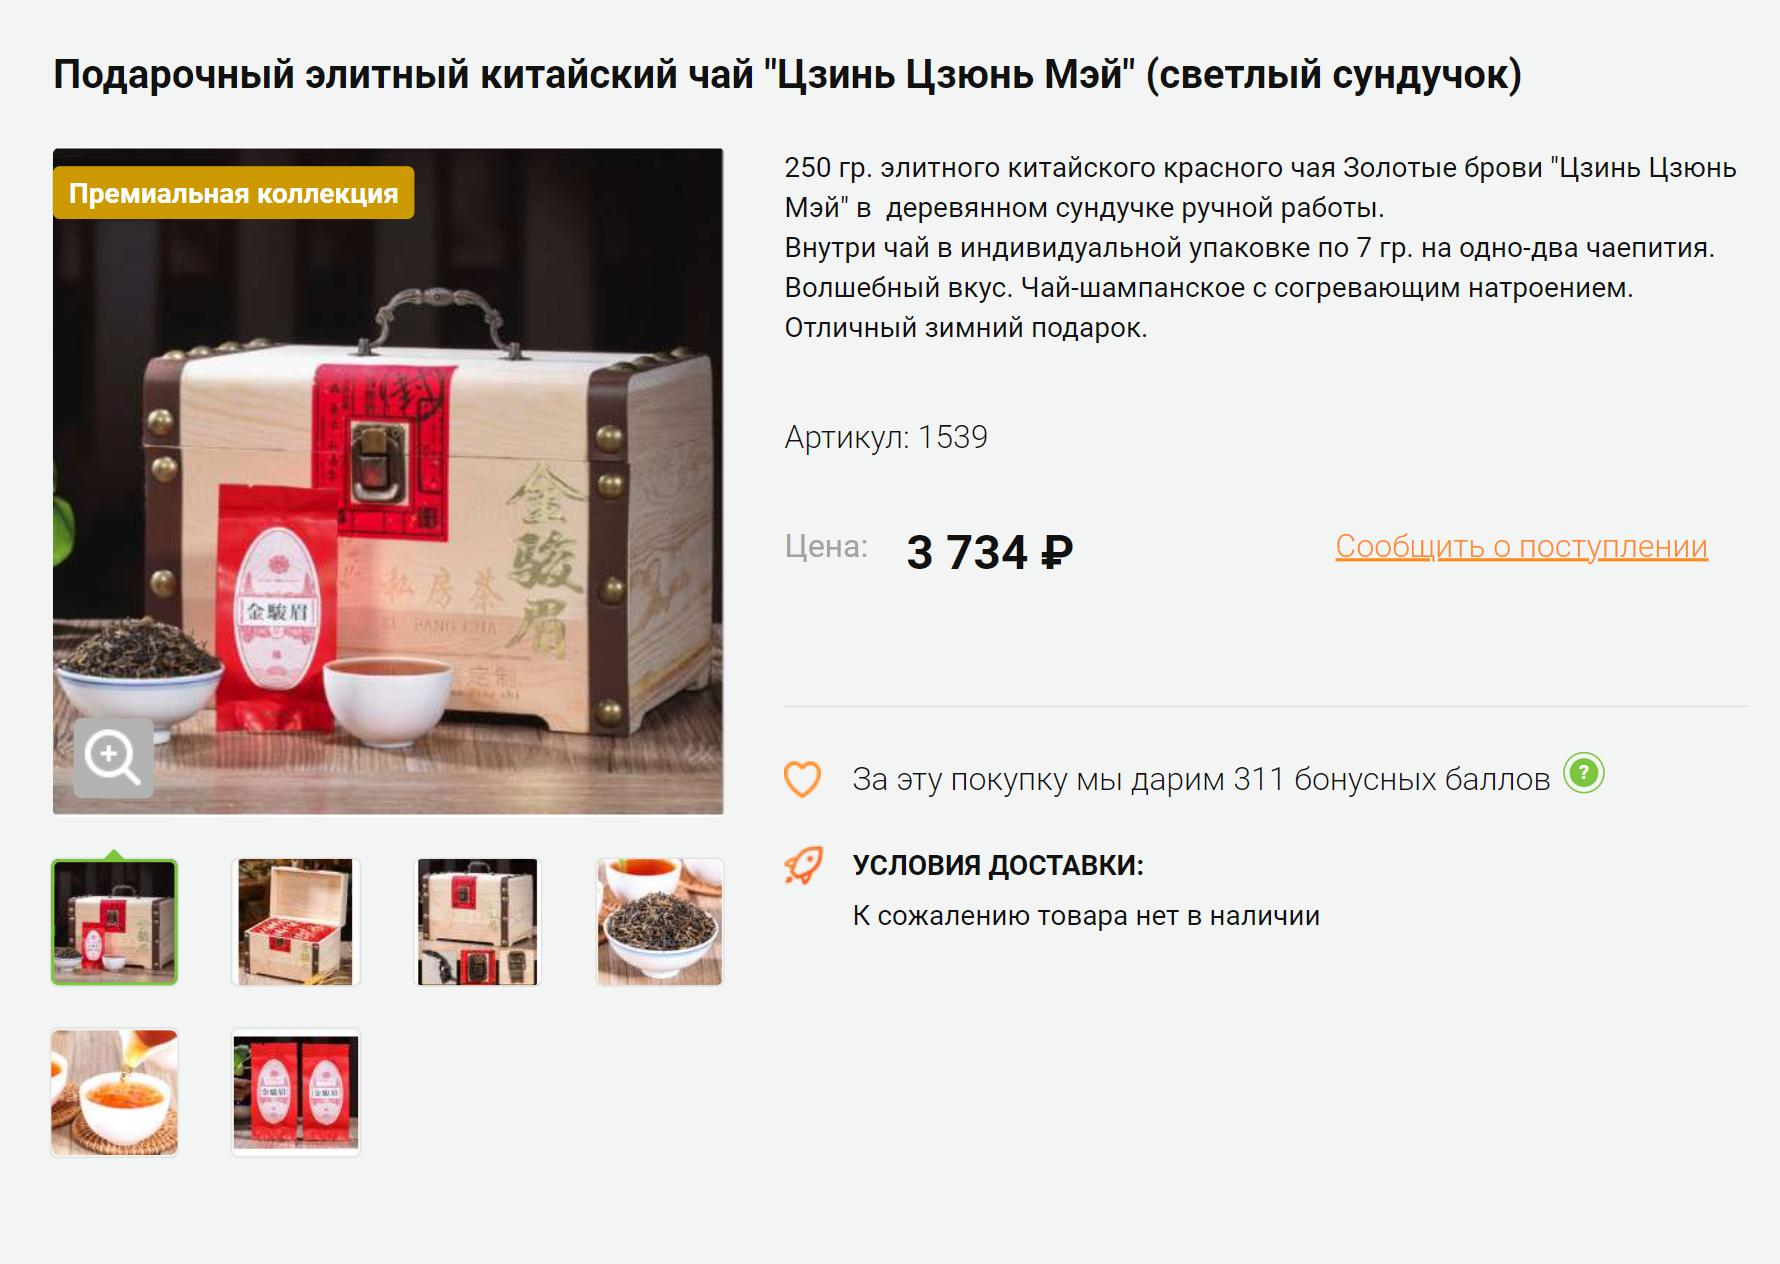 А здесь продавец нетолько предлагает чай вкрасивом сундучке, ноиобещает, чтоэто будет чай-шампанское. Непредставляю, что он подэтим подразумевает. Источник: chai-chai.ru